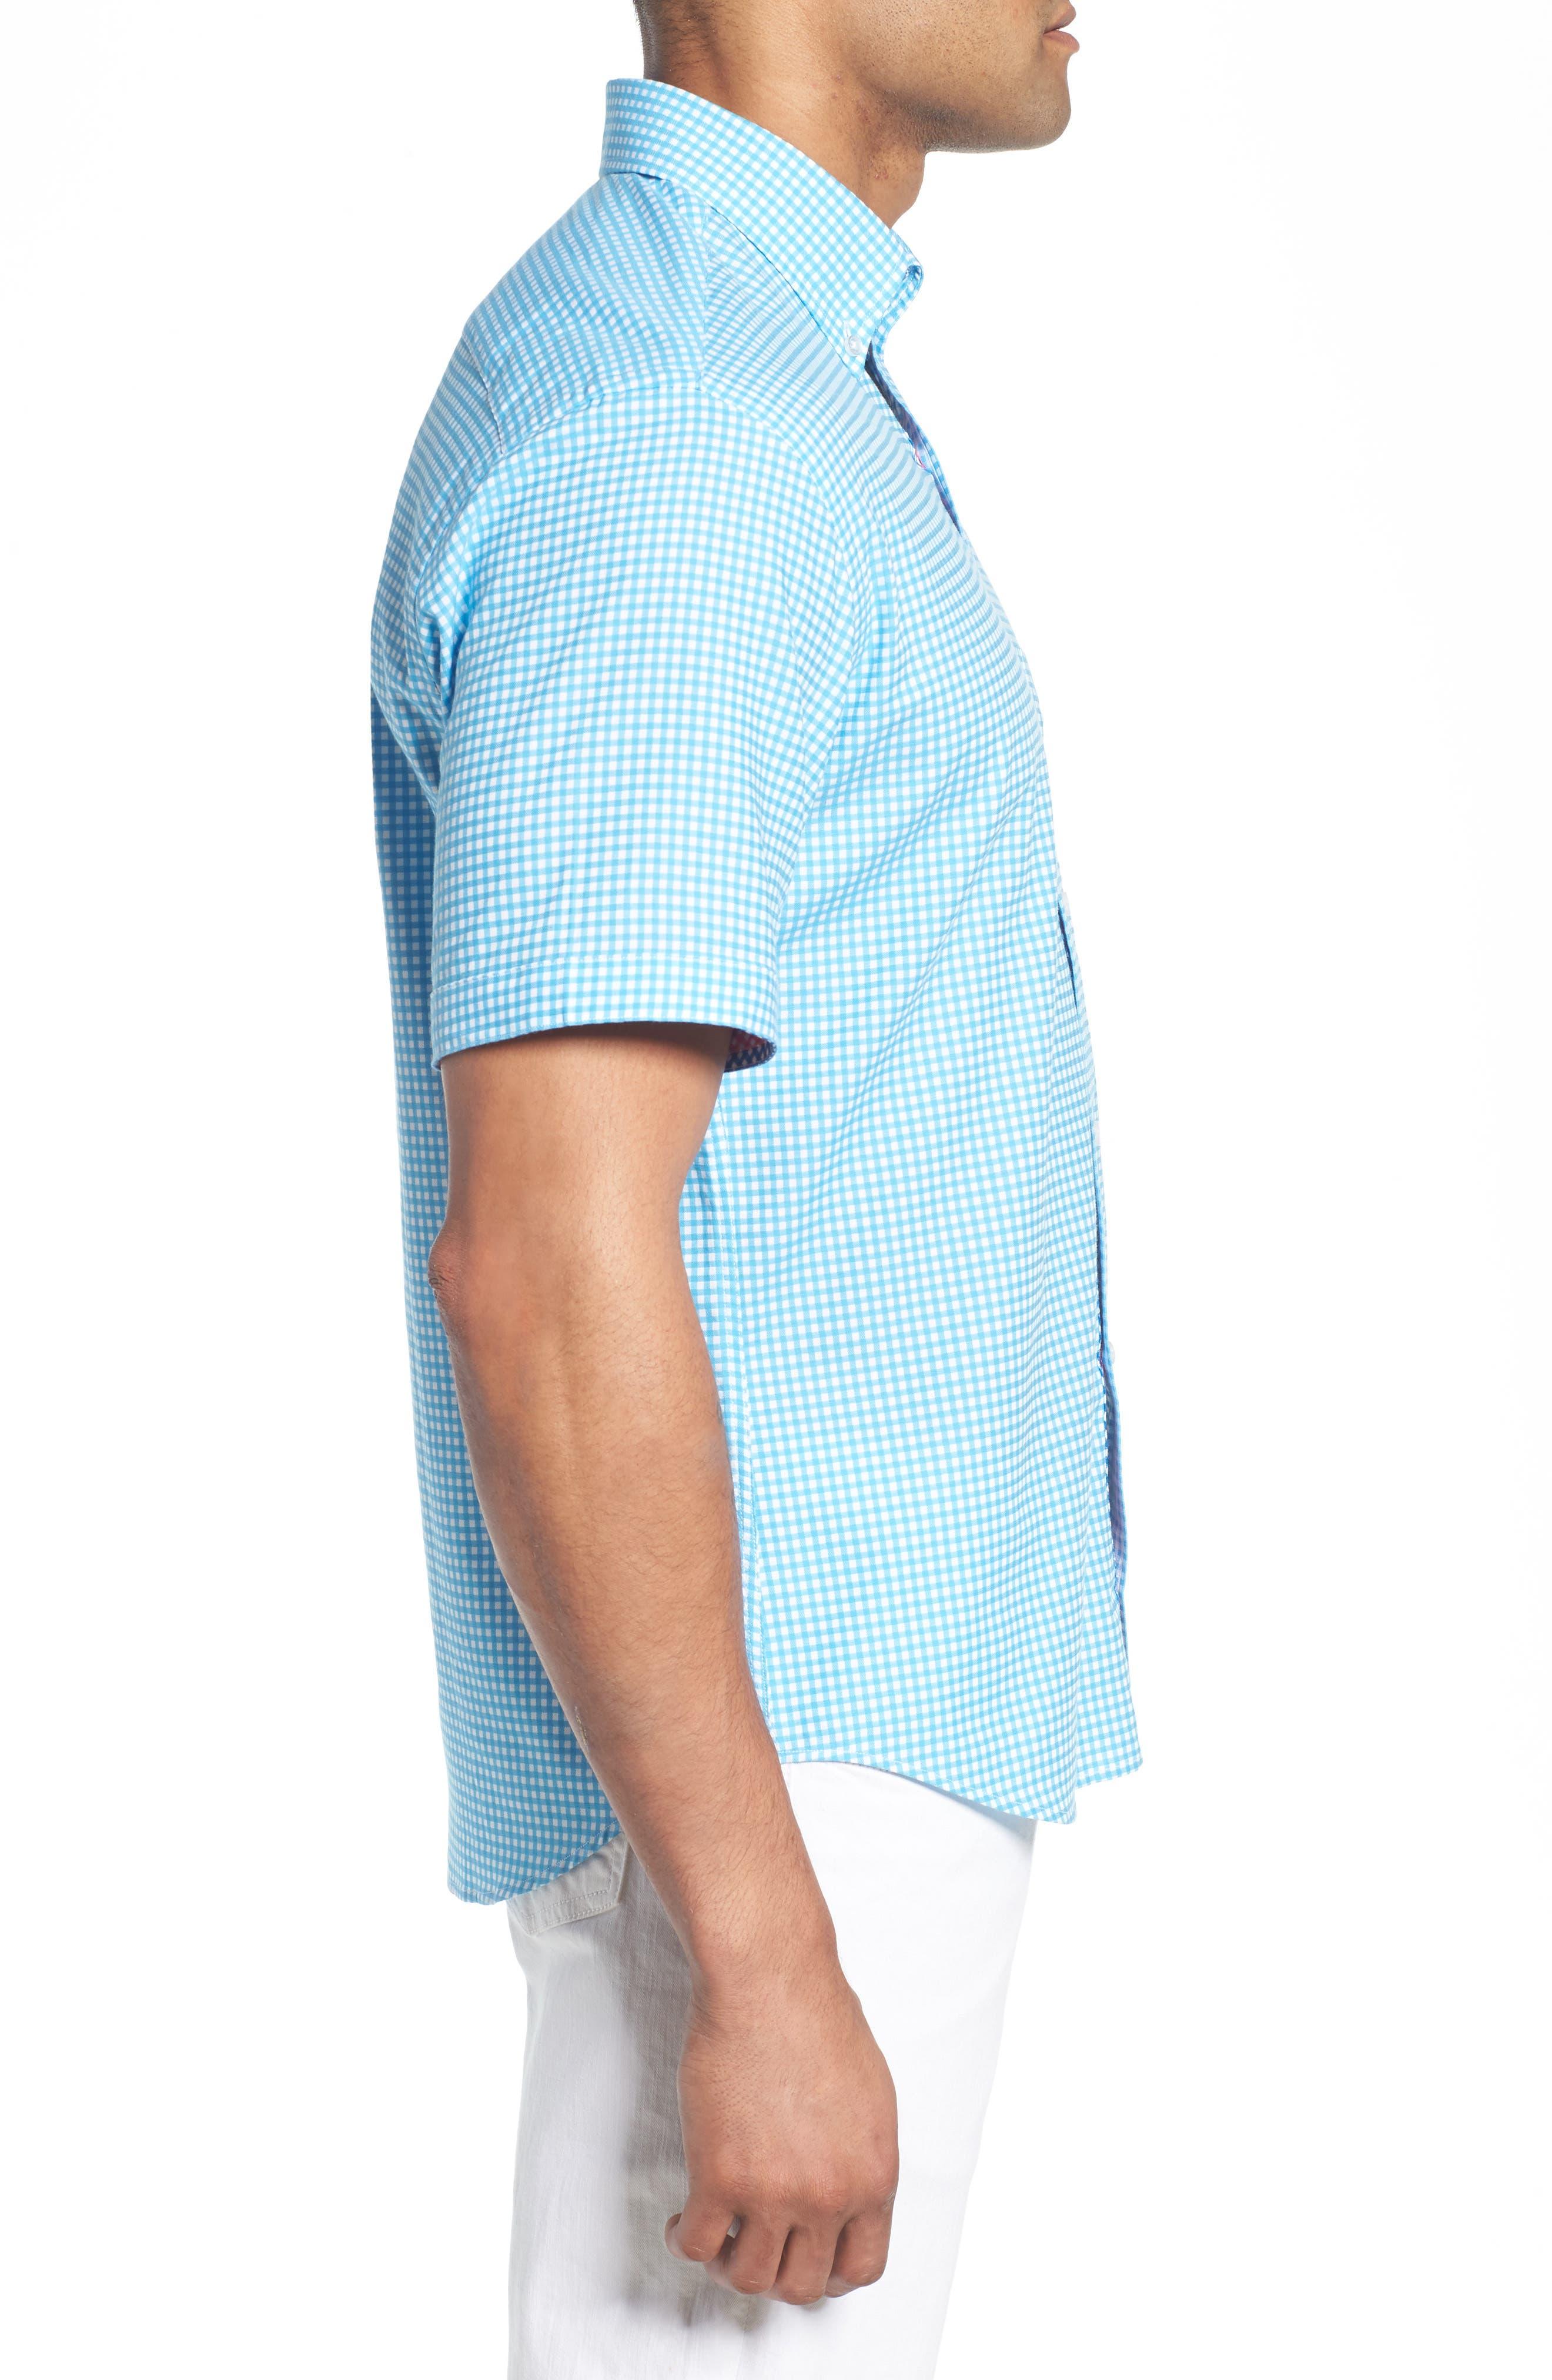 Aden Regular Fit Sport Shirt,                             Alternate thumbnail 4, color,                             Aqua